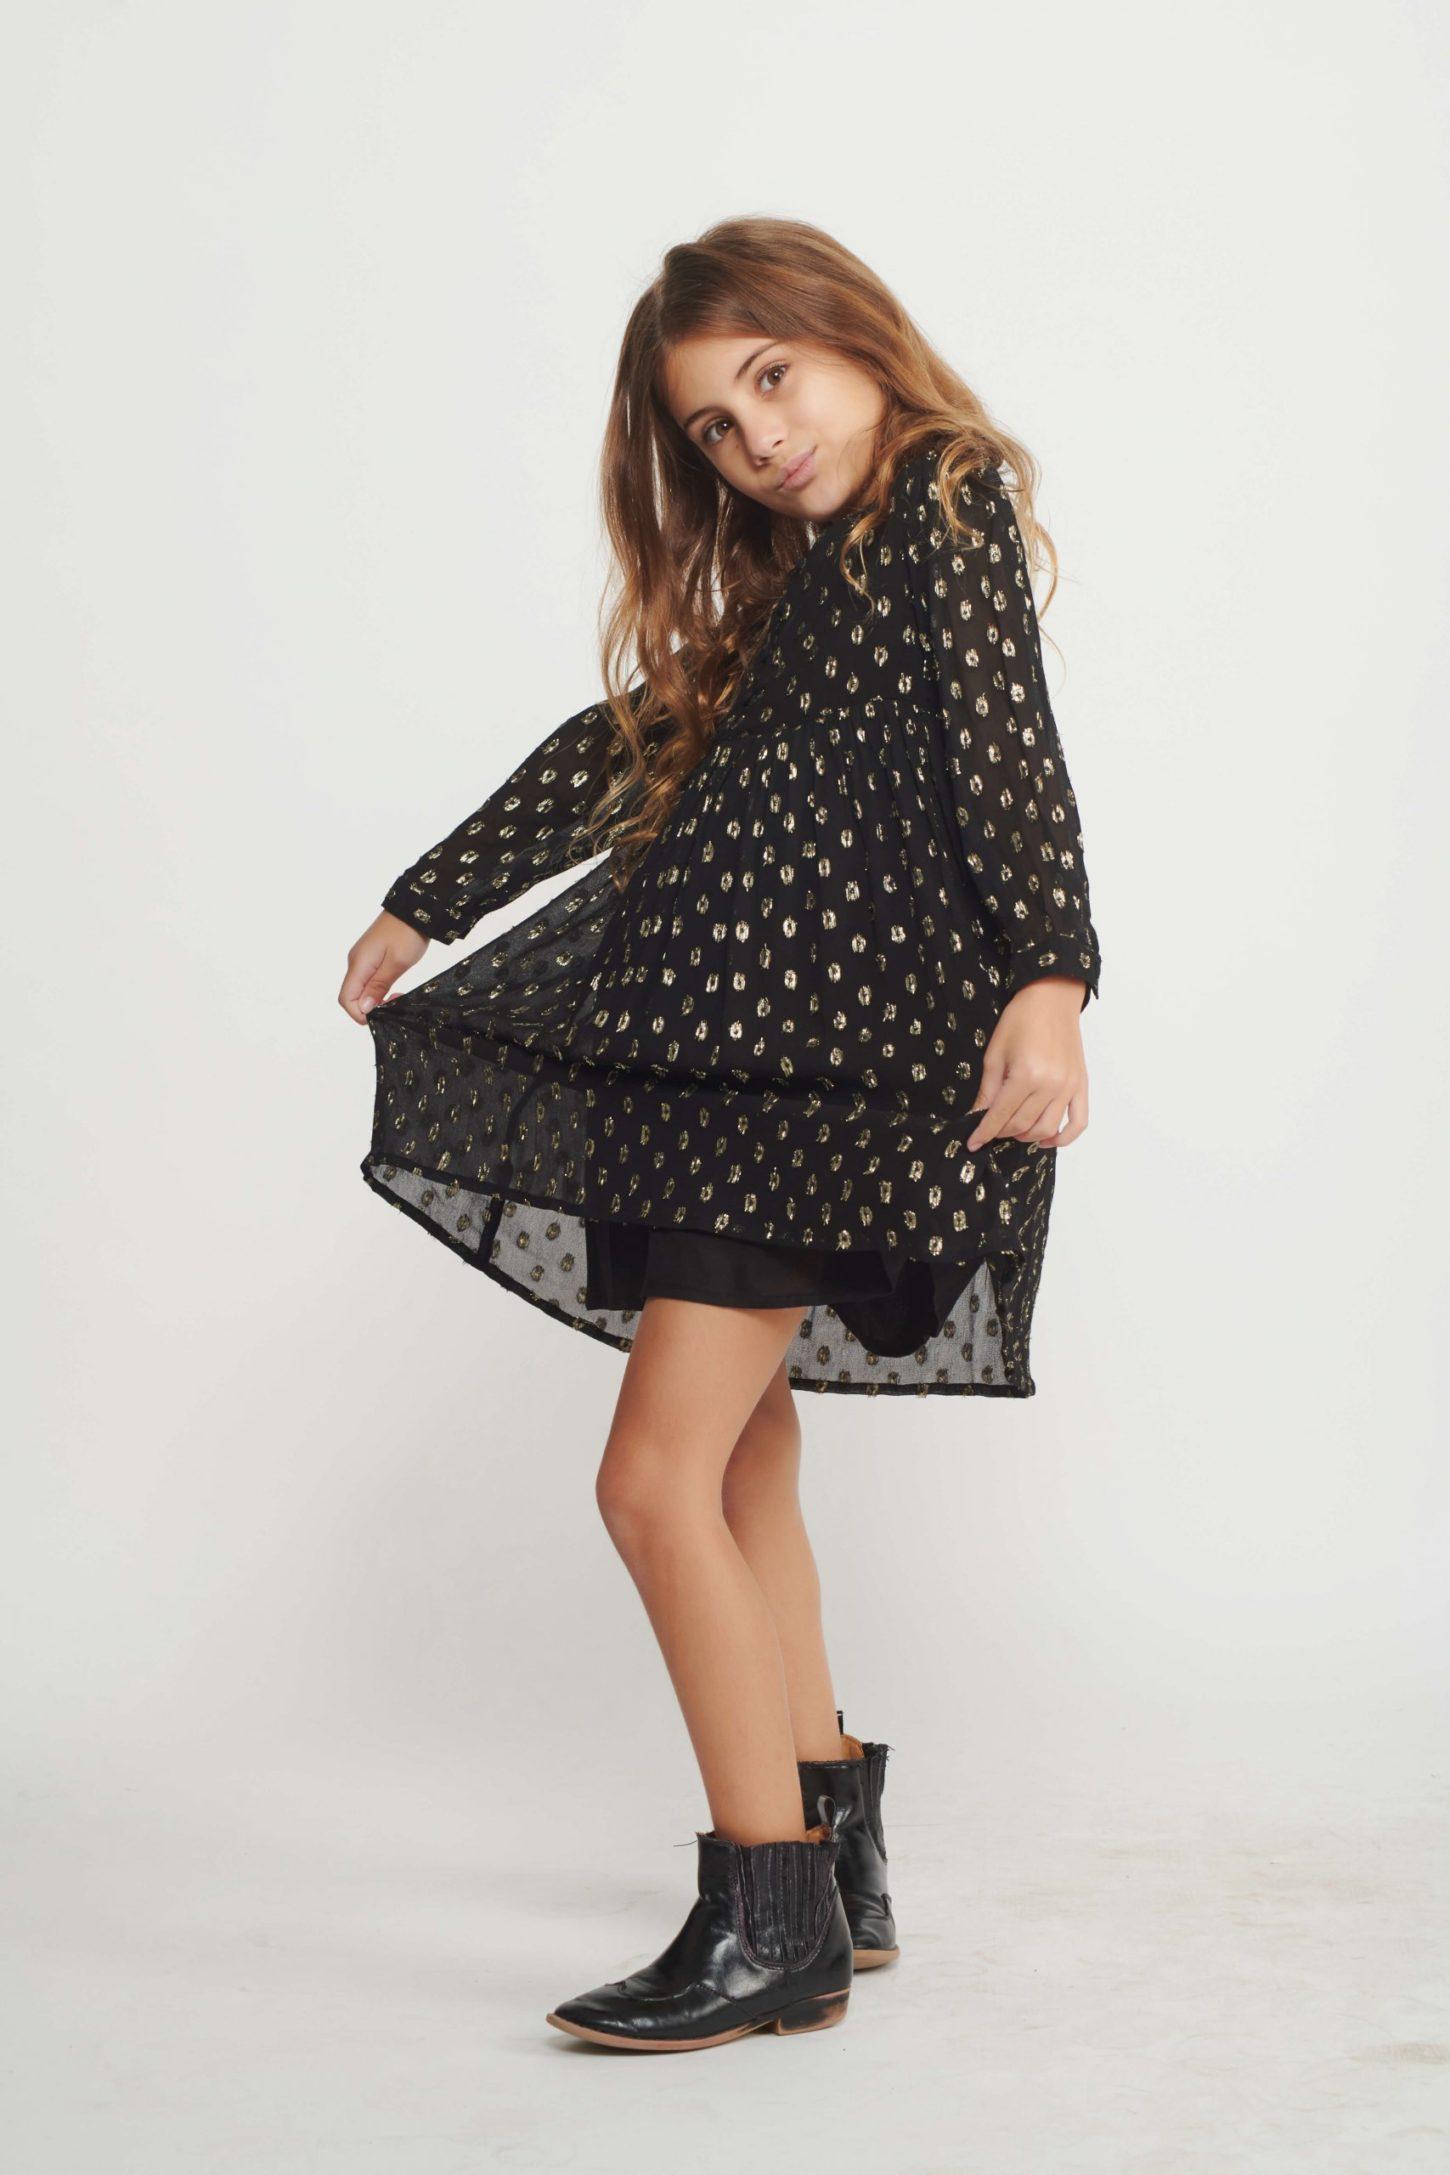 Black Polka Dress for Girls